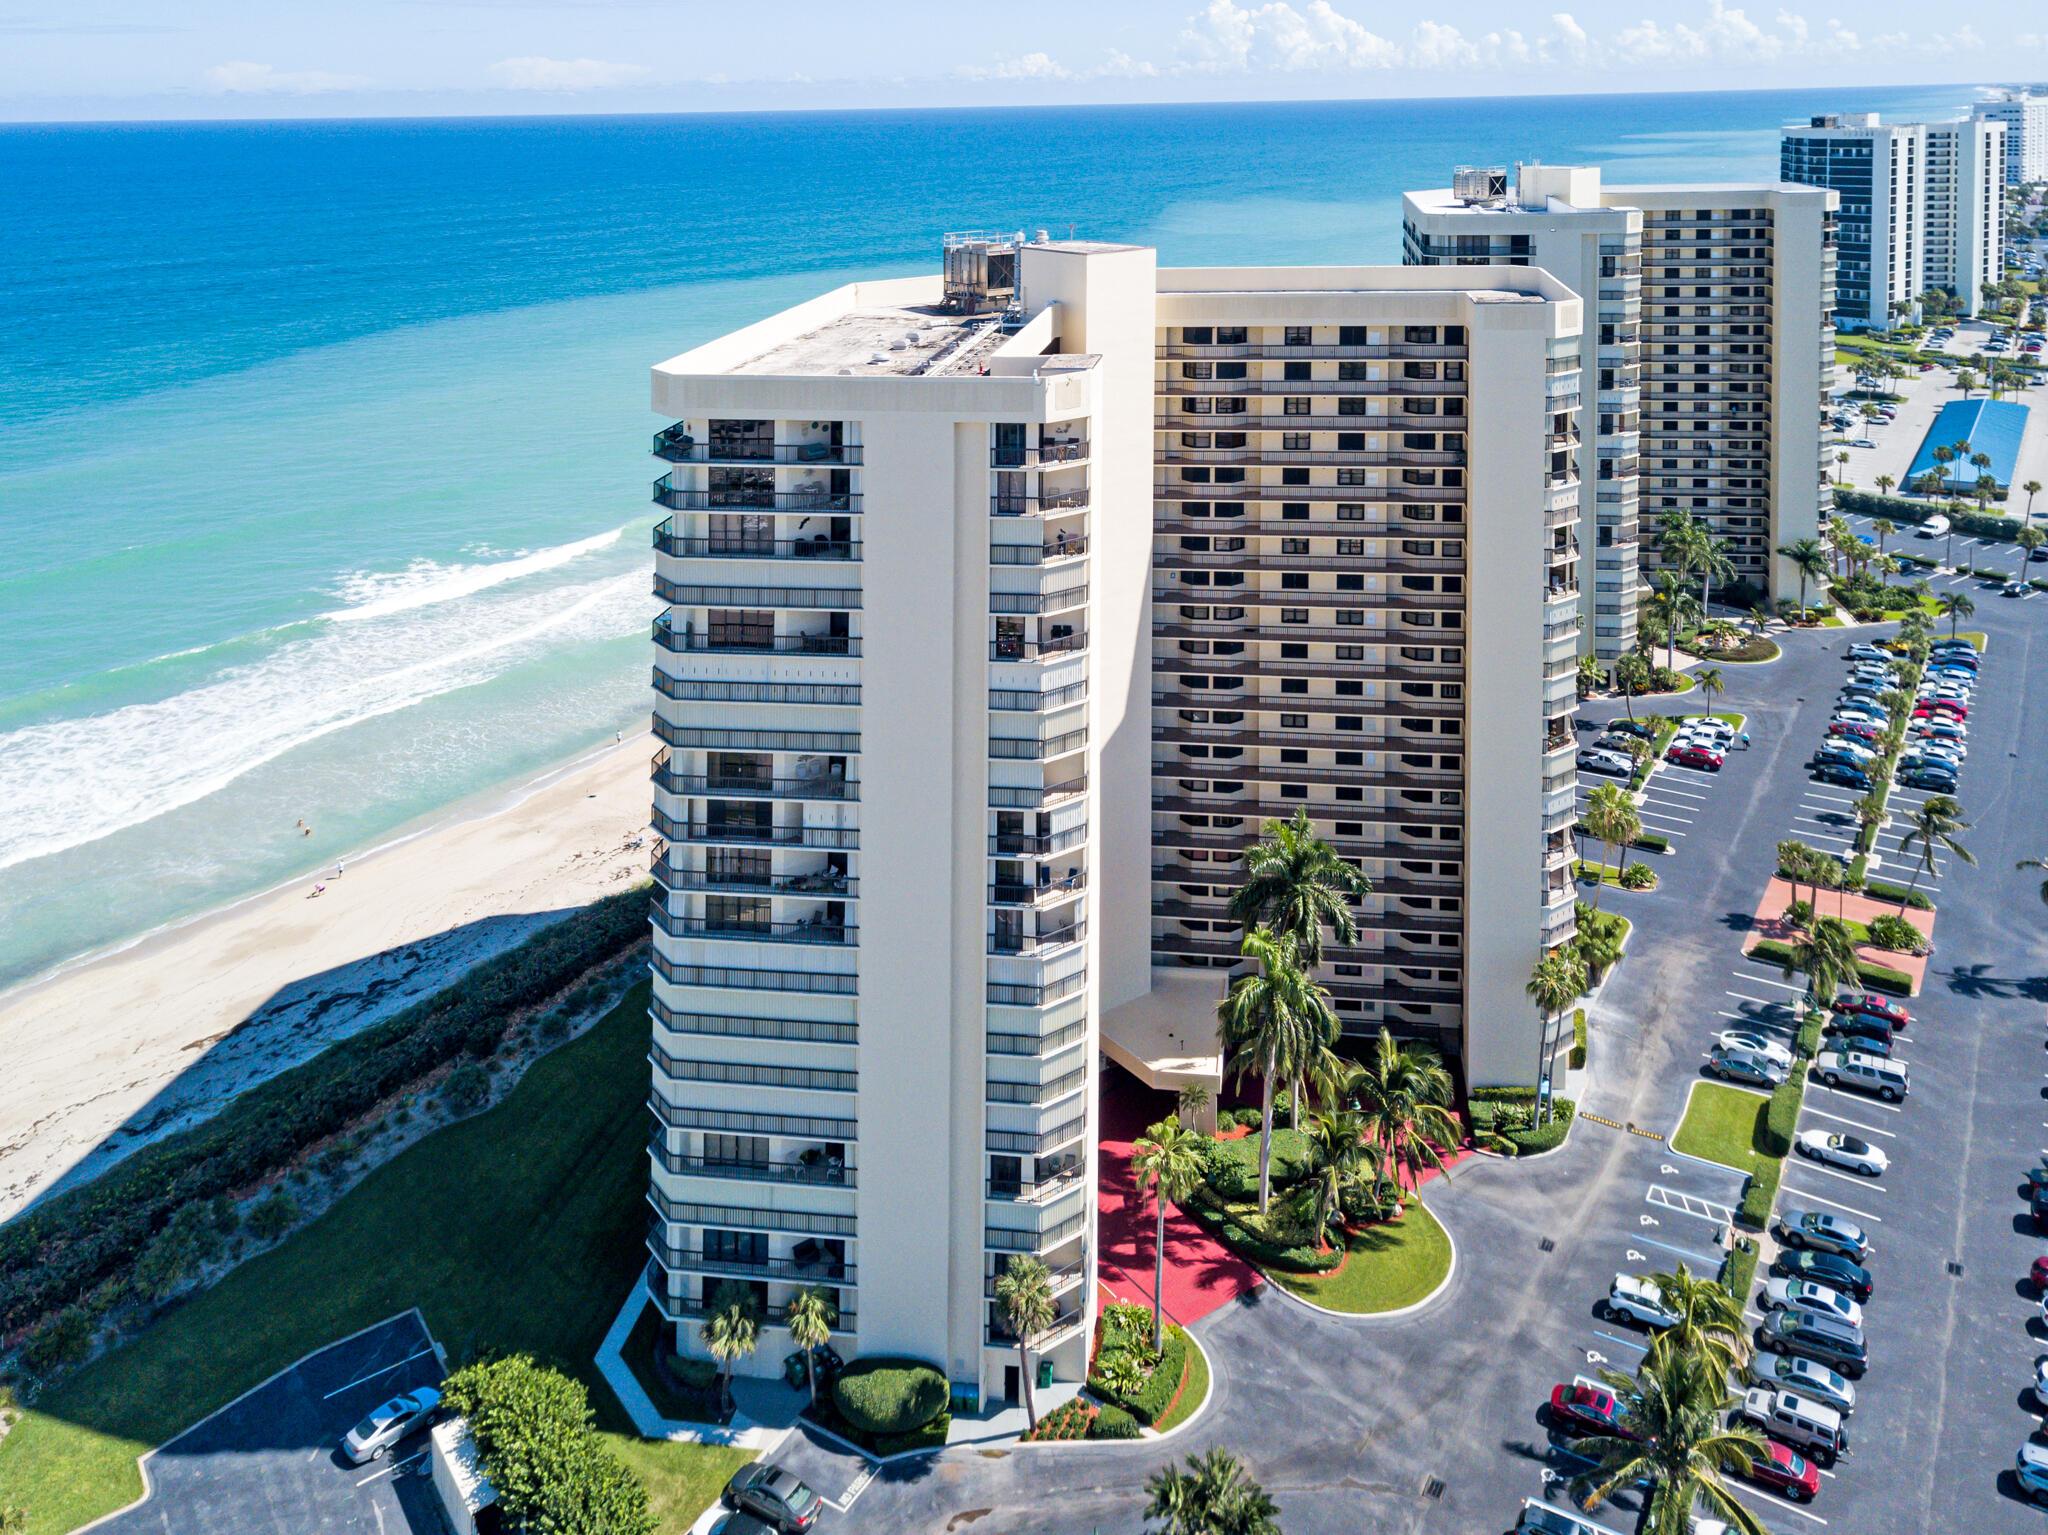 9500 Ocean Jensen Beach 34957